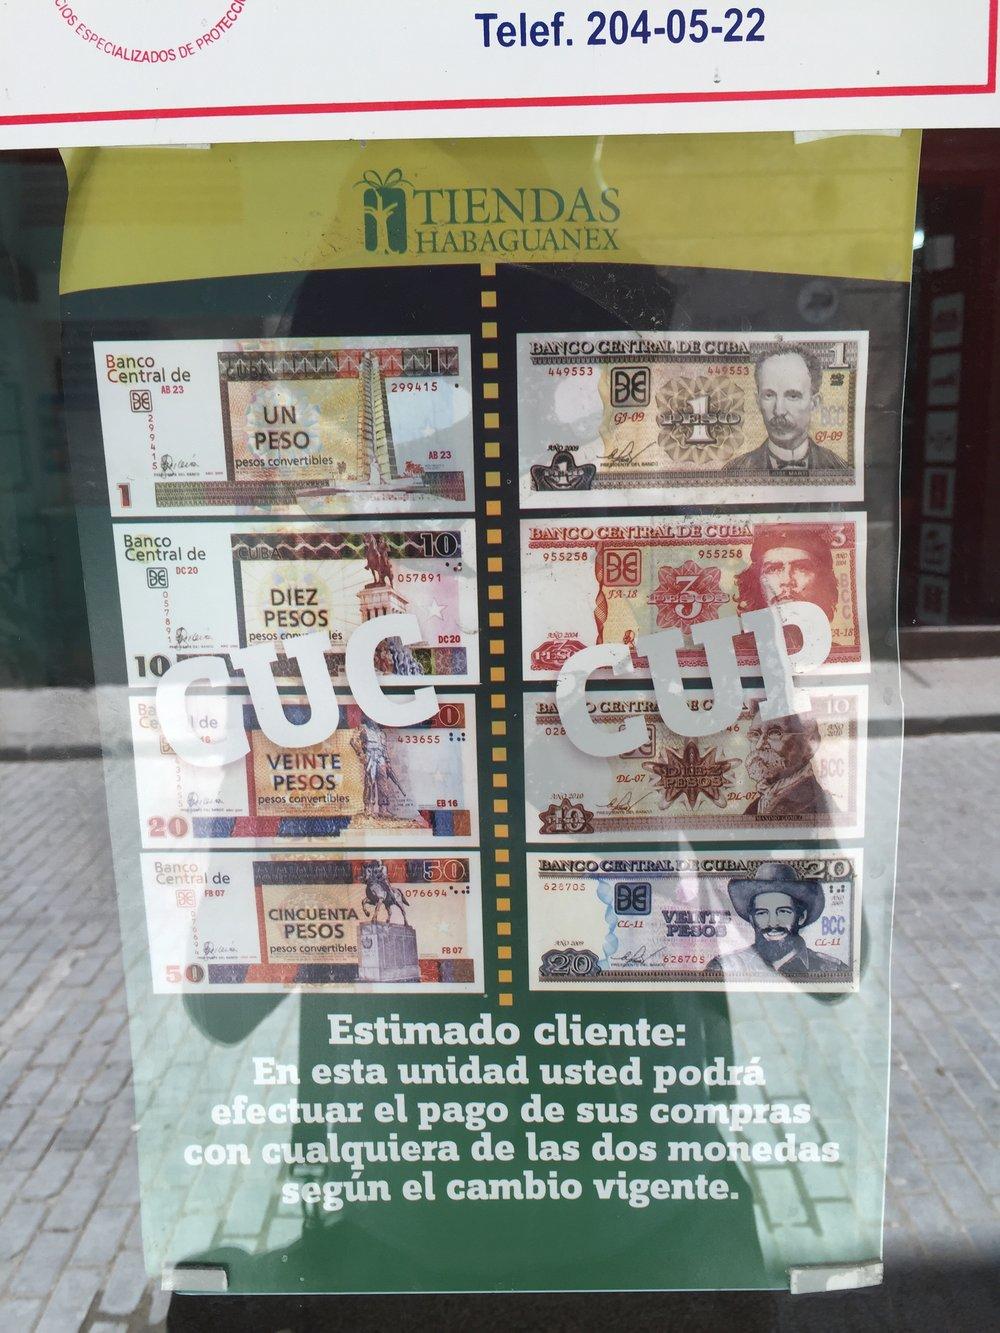 تحتوي كوبا على عملتين رسميتين هما: كوك و كوب